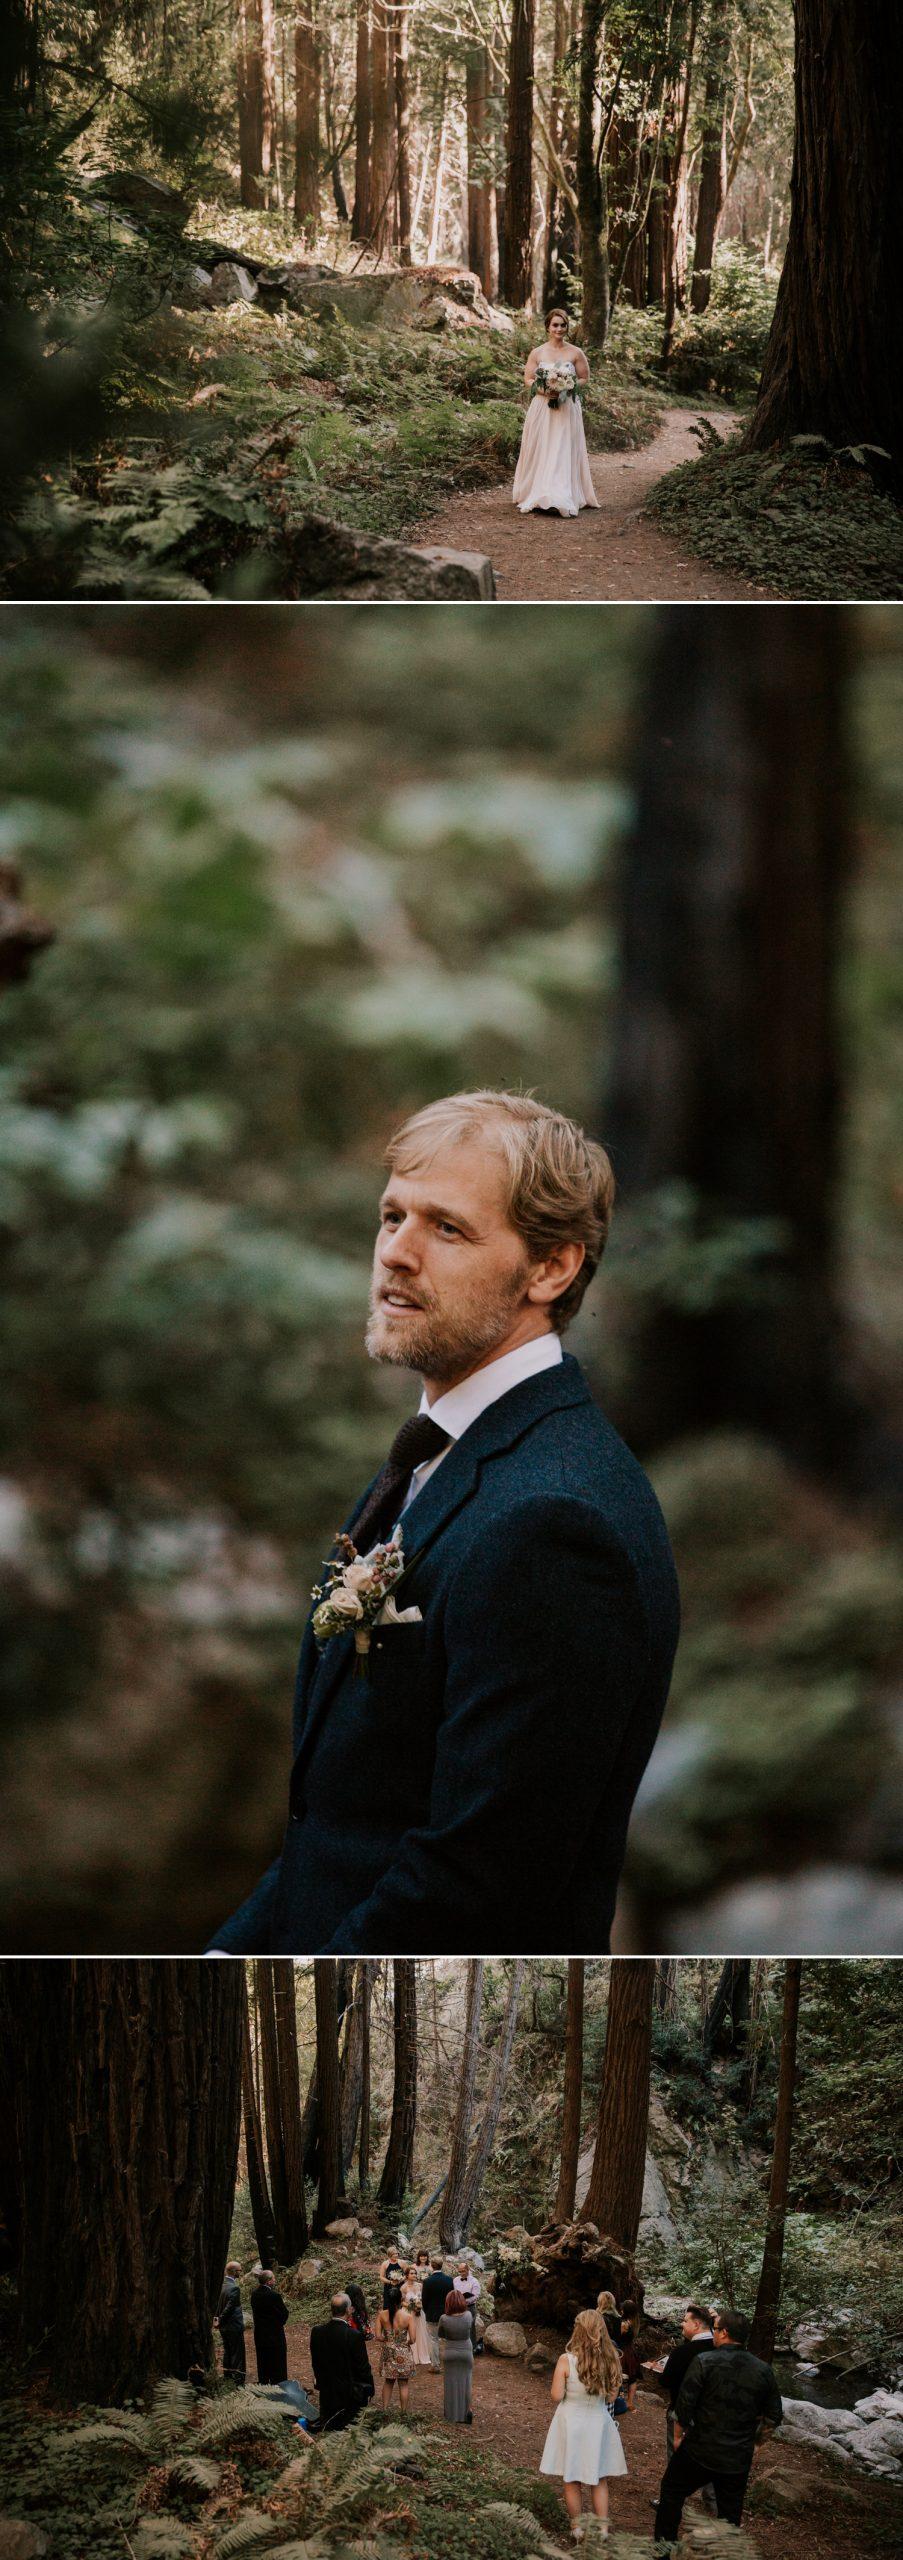 Limekiln elopement in Big Sur